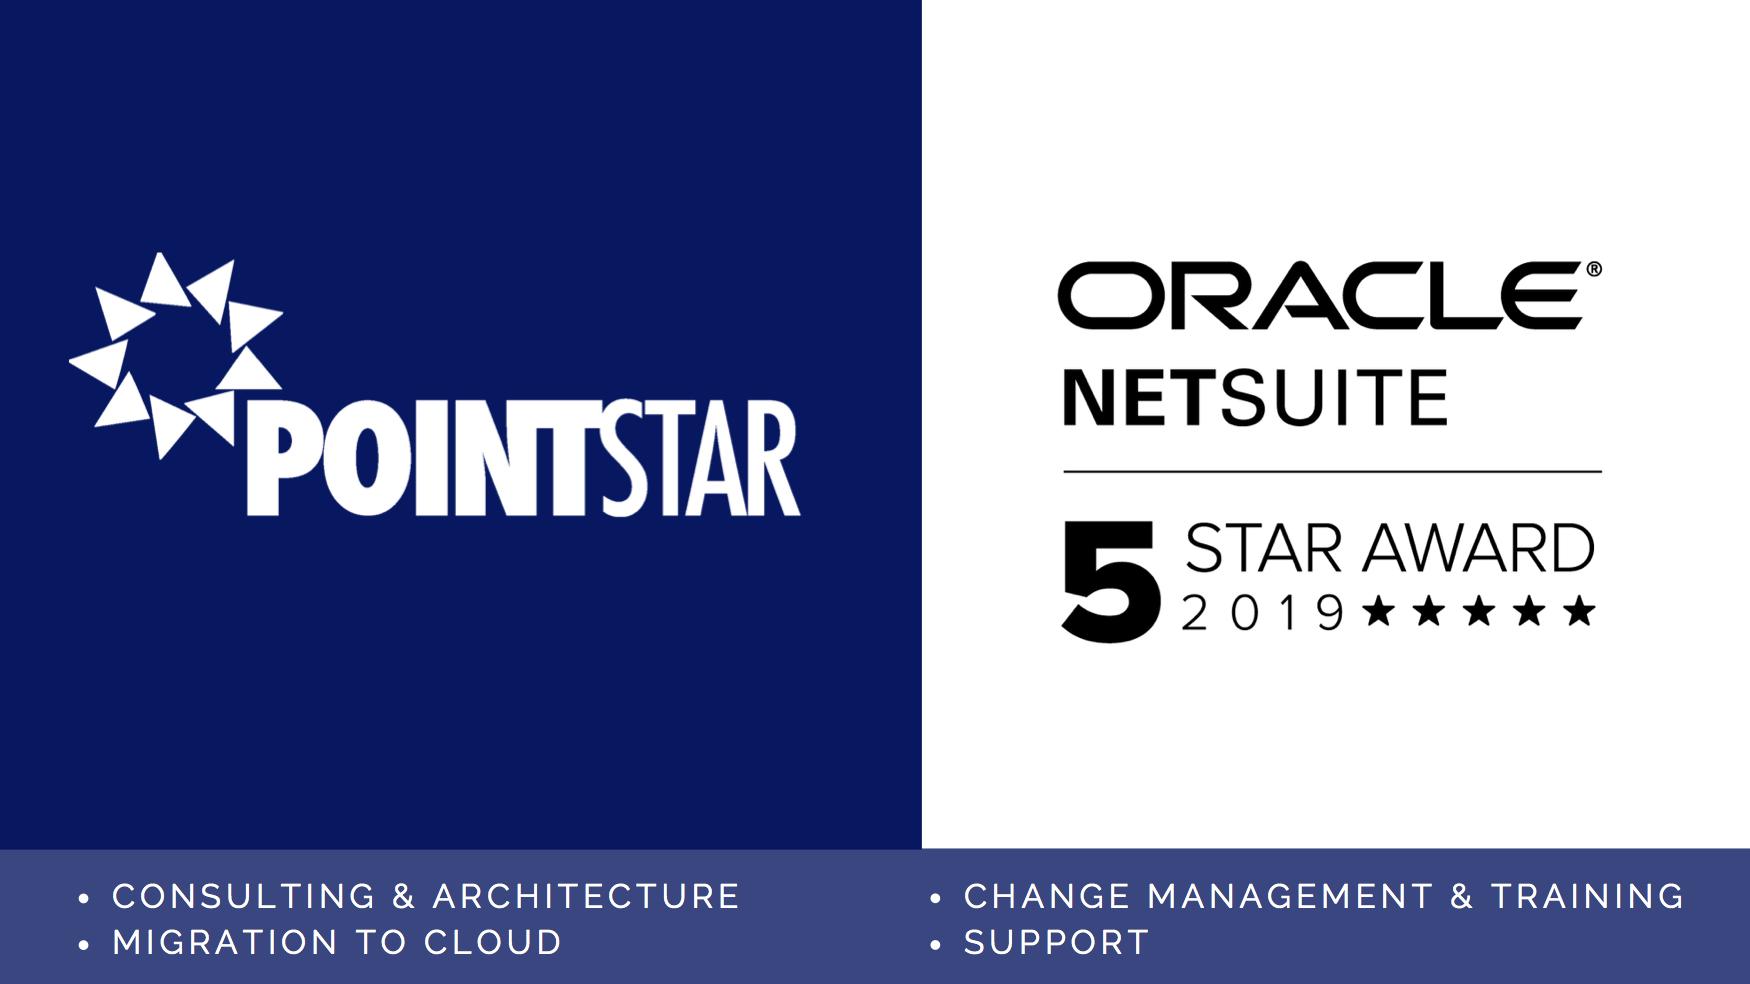 5-star NetSuite